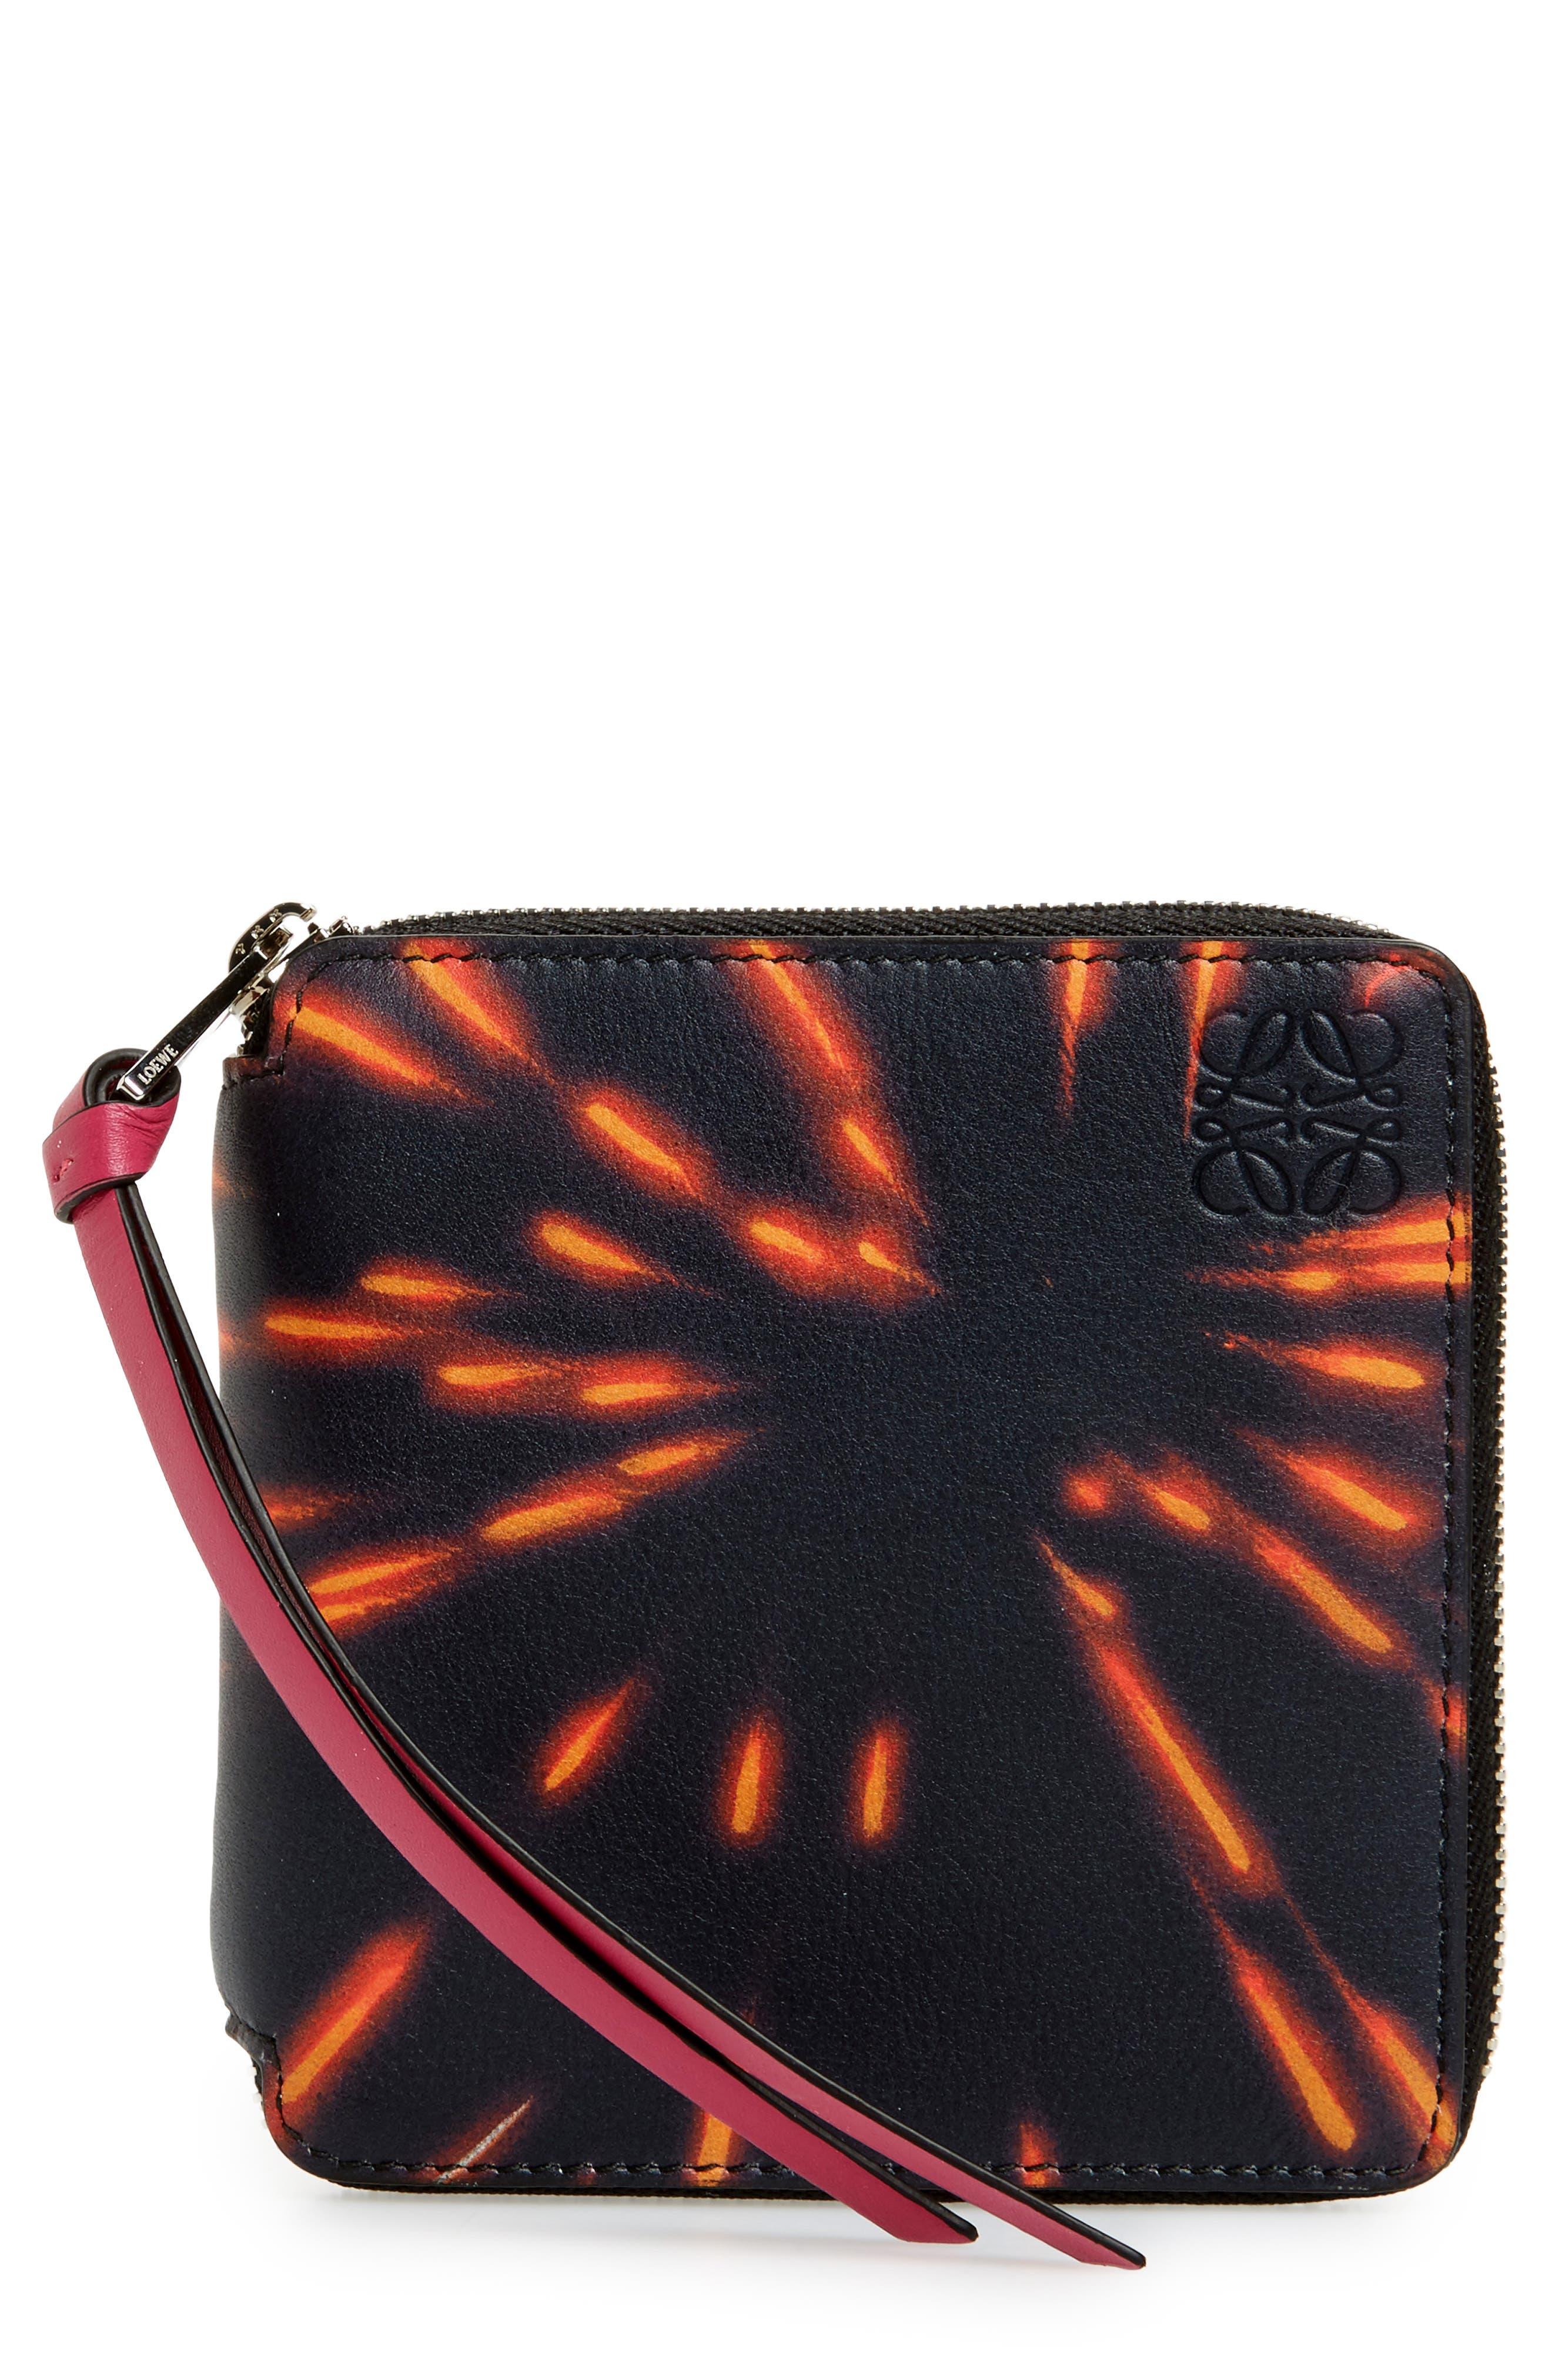 Loewe Fireworks Print Calfskin Leather Zip Wallet